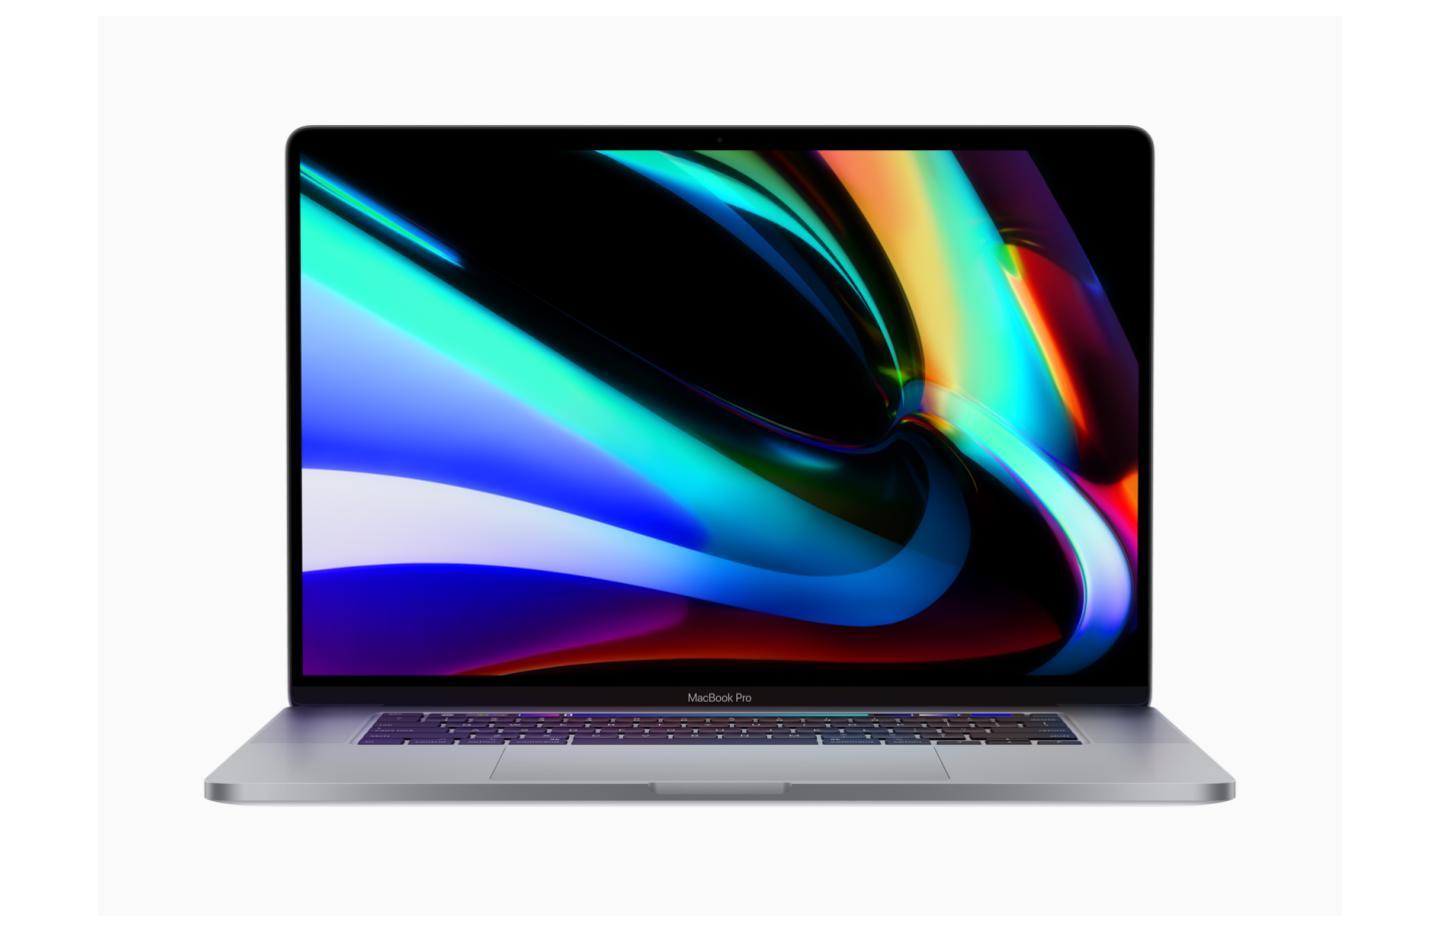 L'Apple MacBook Pro 16 pouces profite déjà d'une remise de plus de 200 euros